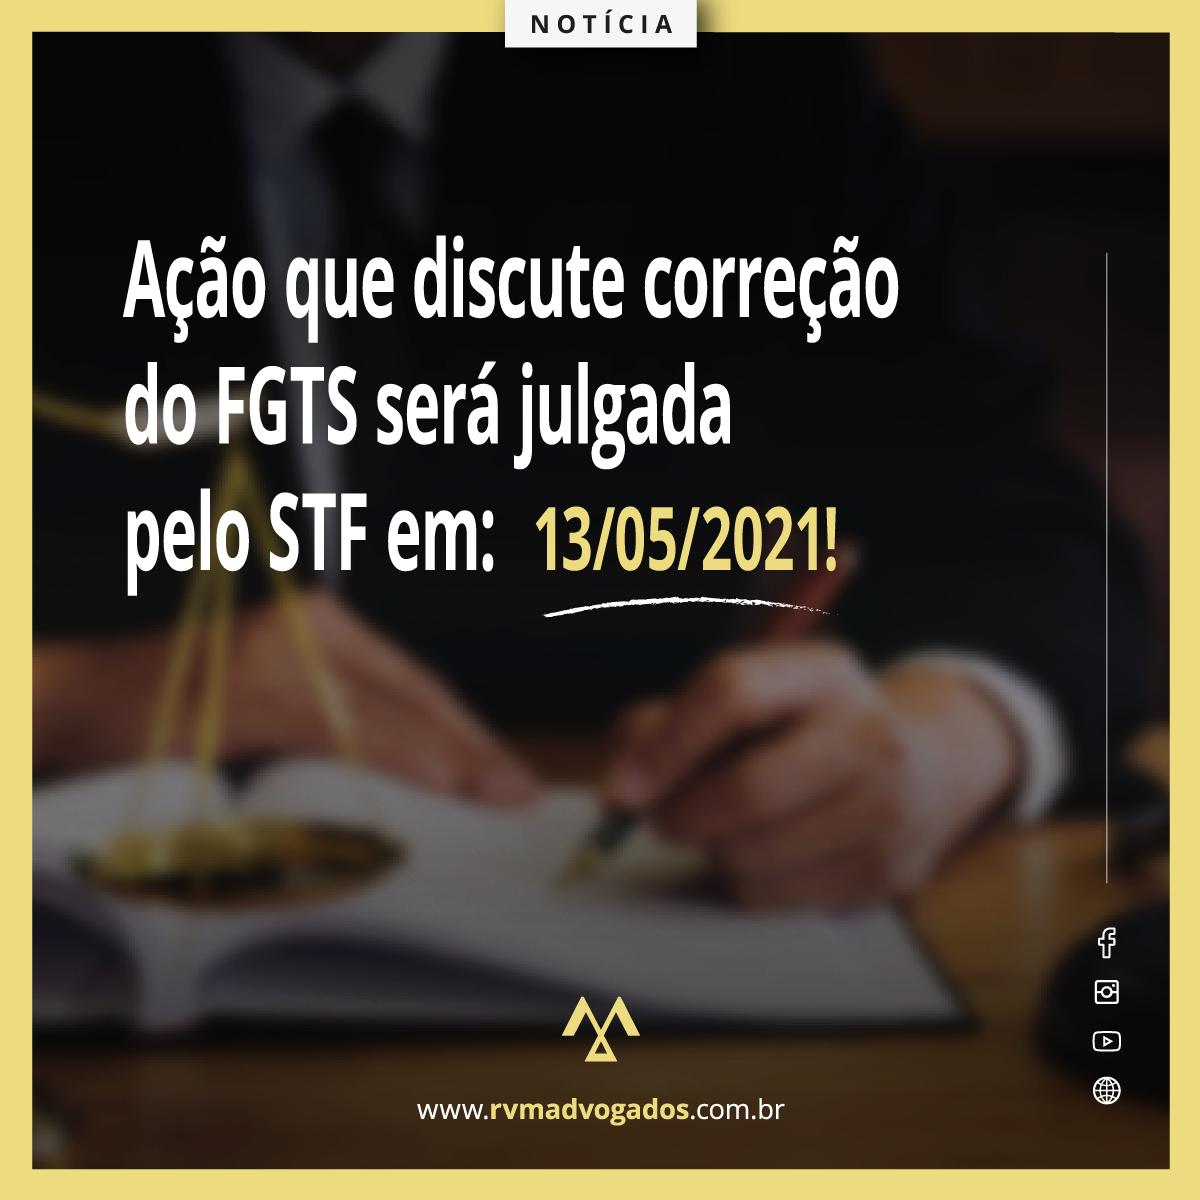 AÇÃO QUE DISCUTE CORREÇÃO DE FGTS SERÁ JULGADA PELO STF EM 13/05/2021!